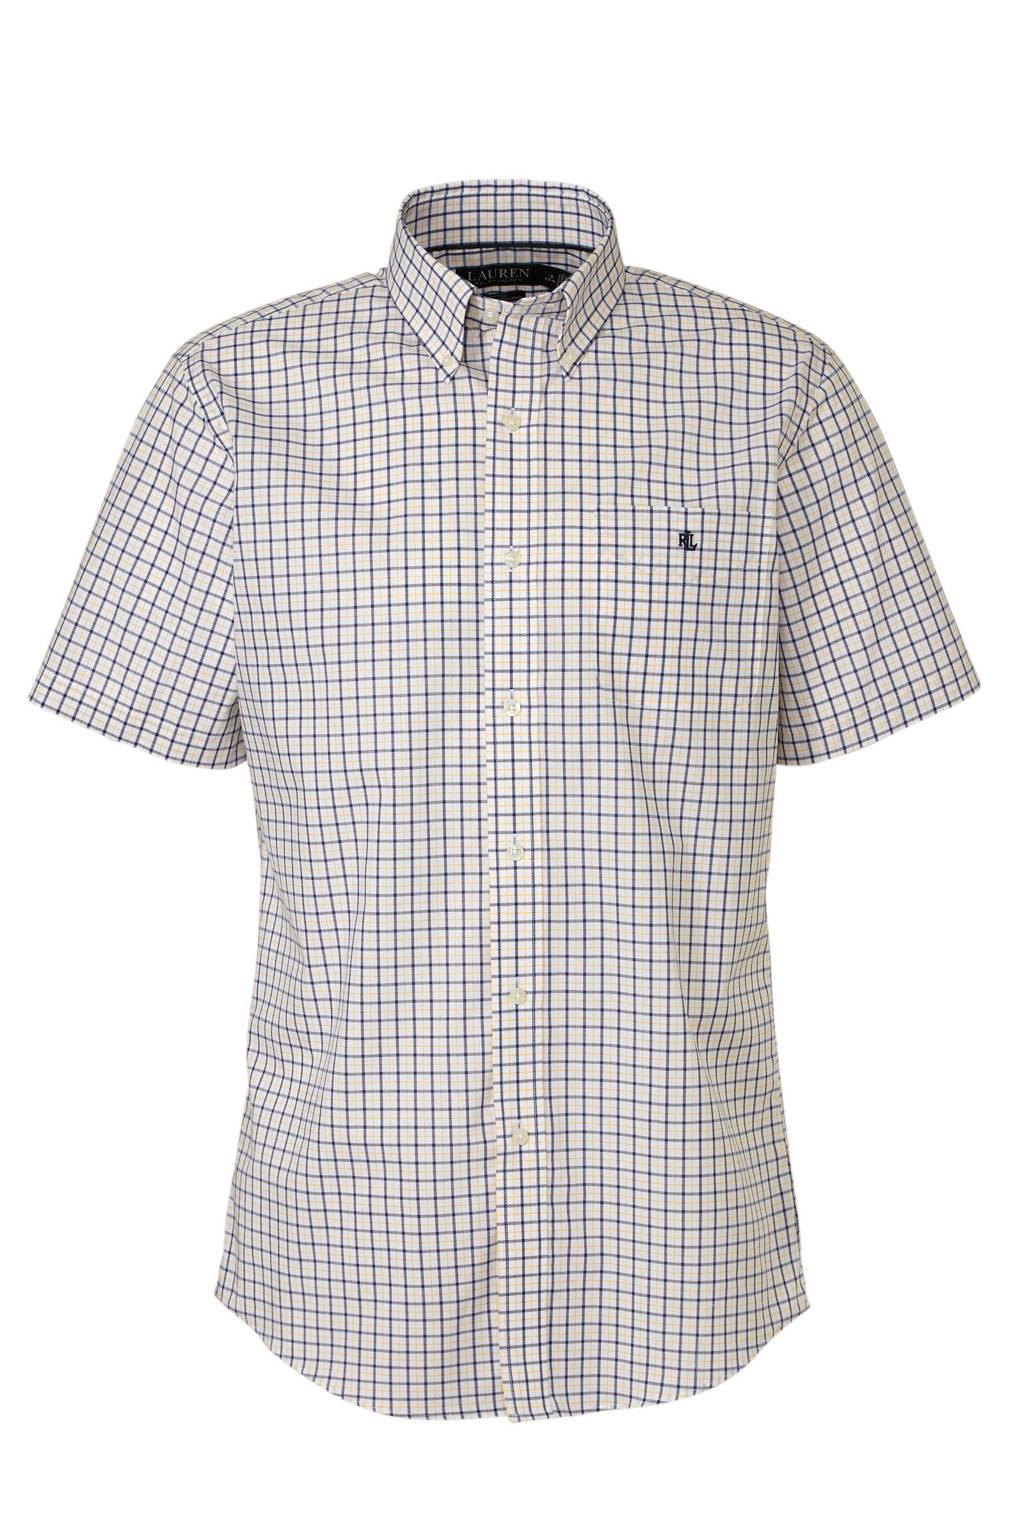 POLO Ralph Lauren regular fit overhemd, Wit/blauw/geel